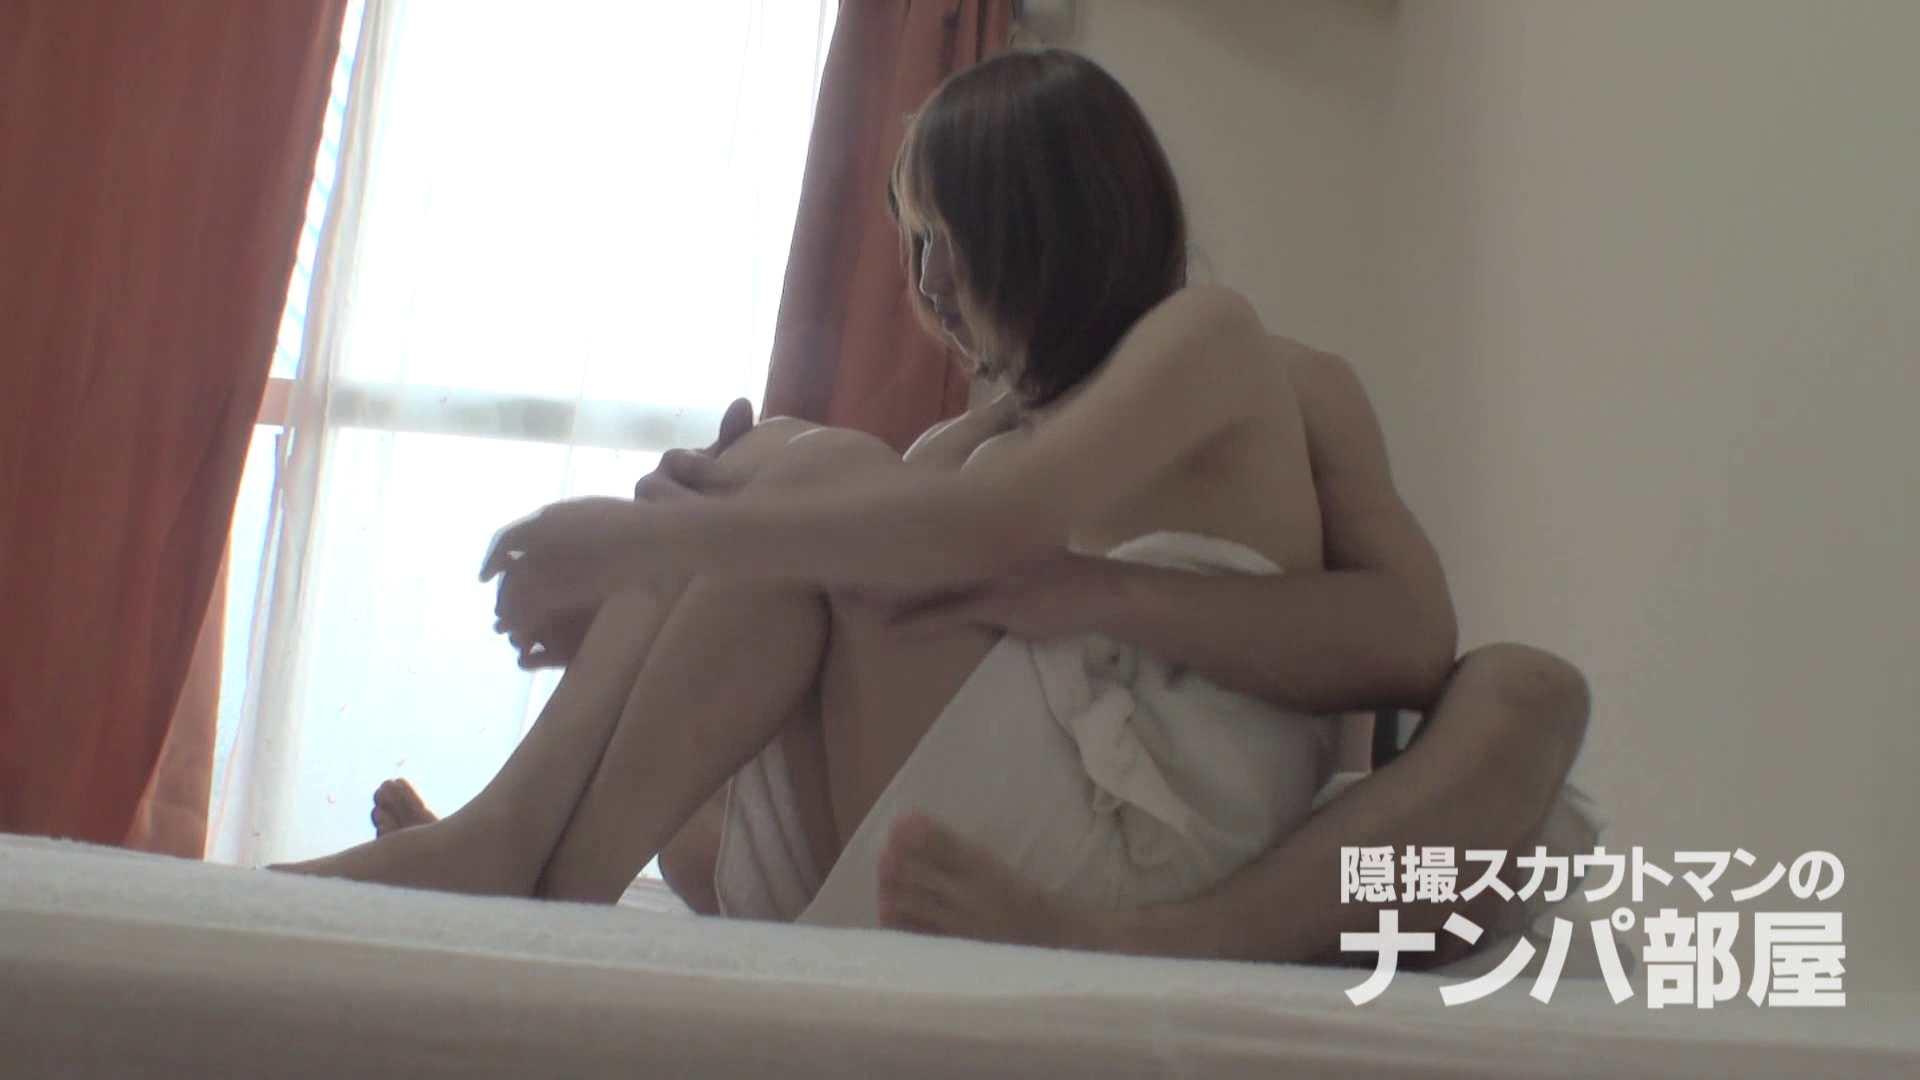 隠撮スカウトマンのナンパ部屋~風俗デビュー前のつまみ食い~ sii 脱衣所  100連発 72